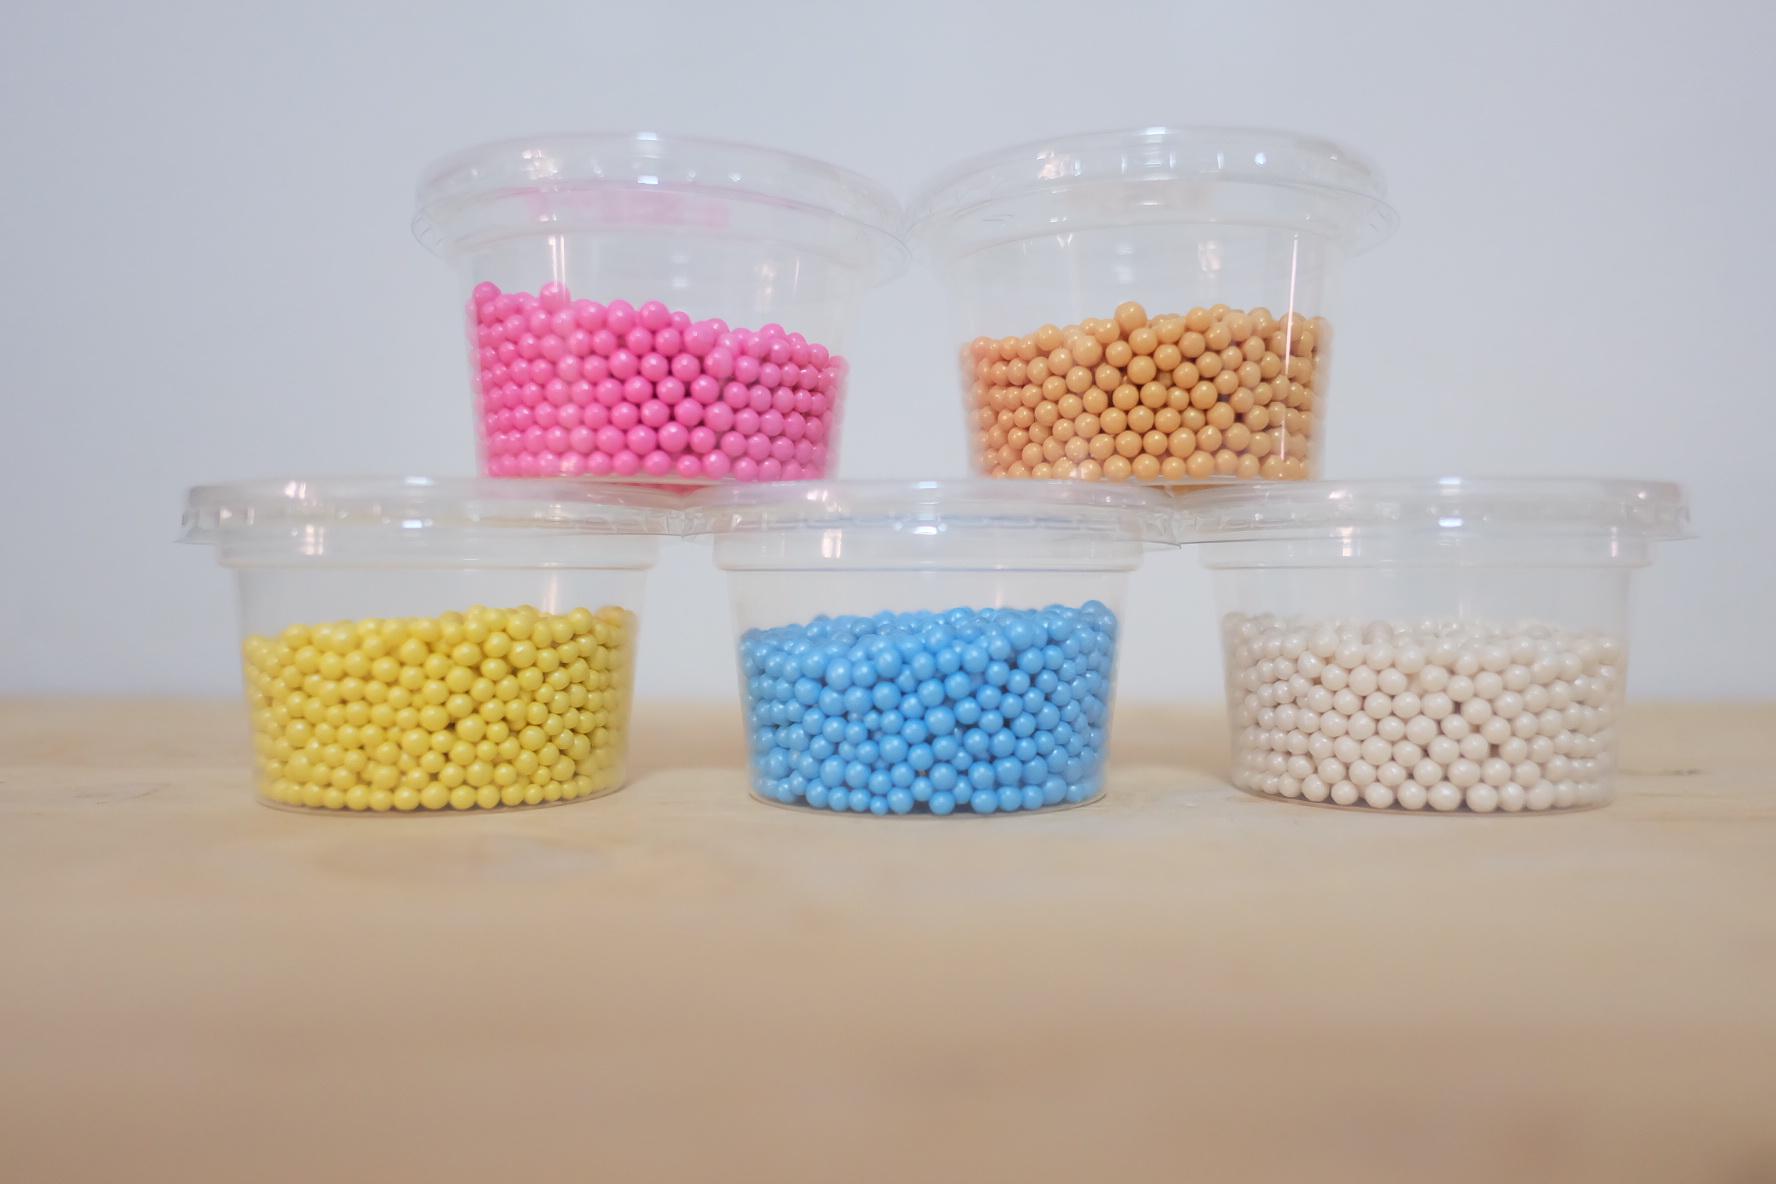 เม็ดมุกน้ำตาล set 5 สี อย่างละ 50 กรัม